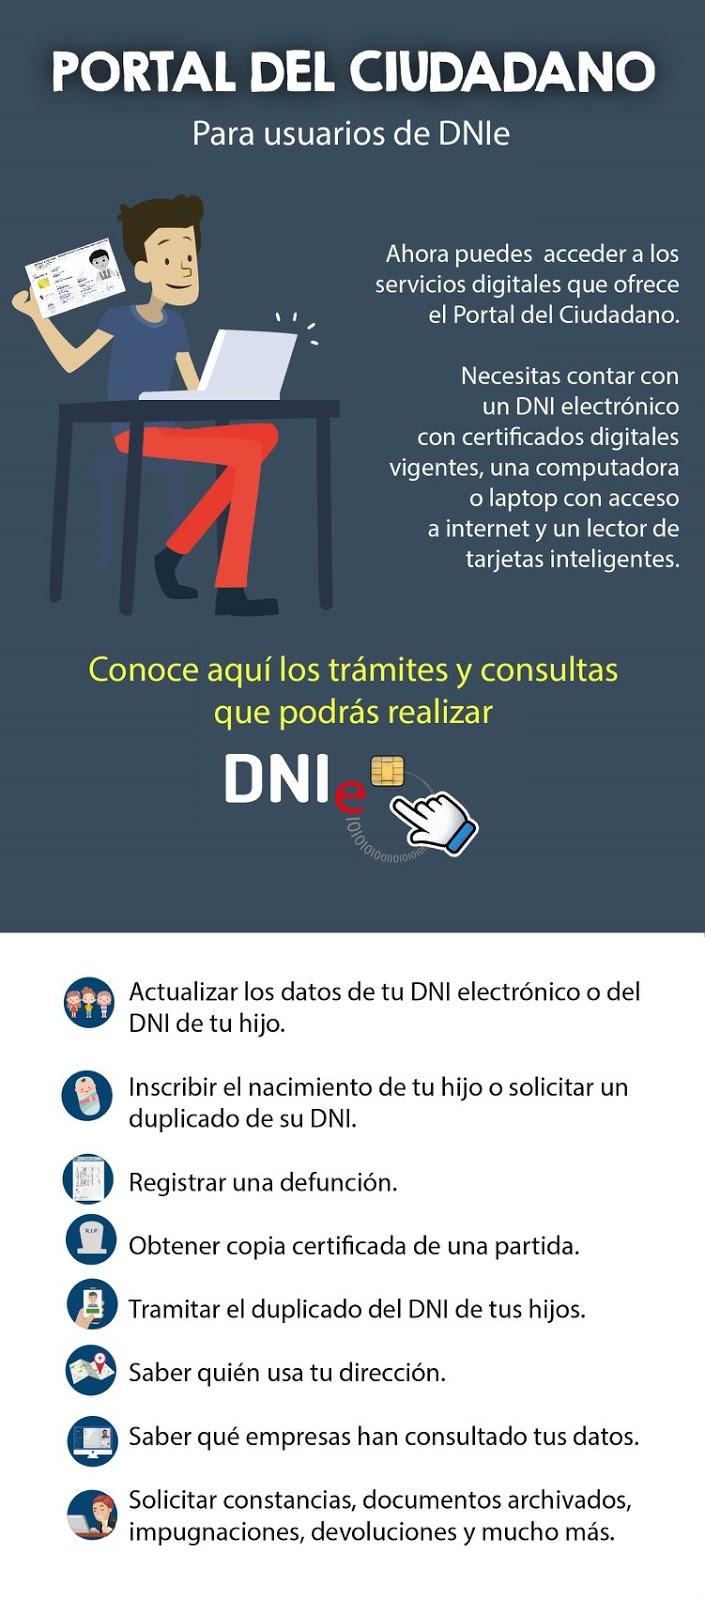 RENIEC - Los Trámites En Línea Que Puedes Hacer Con El DNI Electrónico (DNIe)